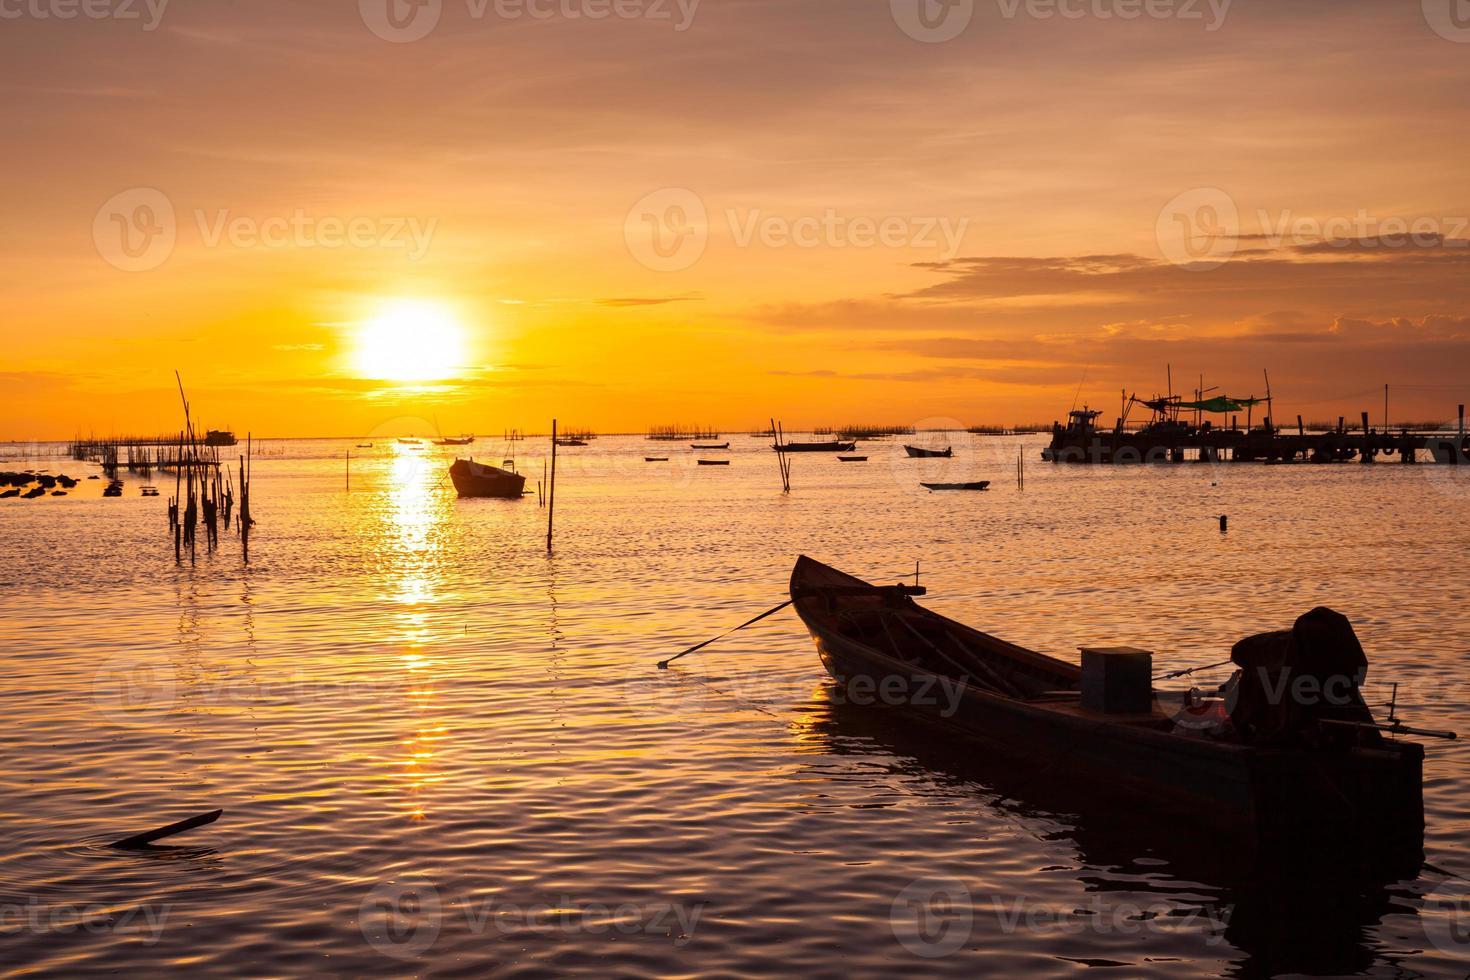 bateaux sur l'eau avec un coucher de soleil orange photo